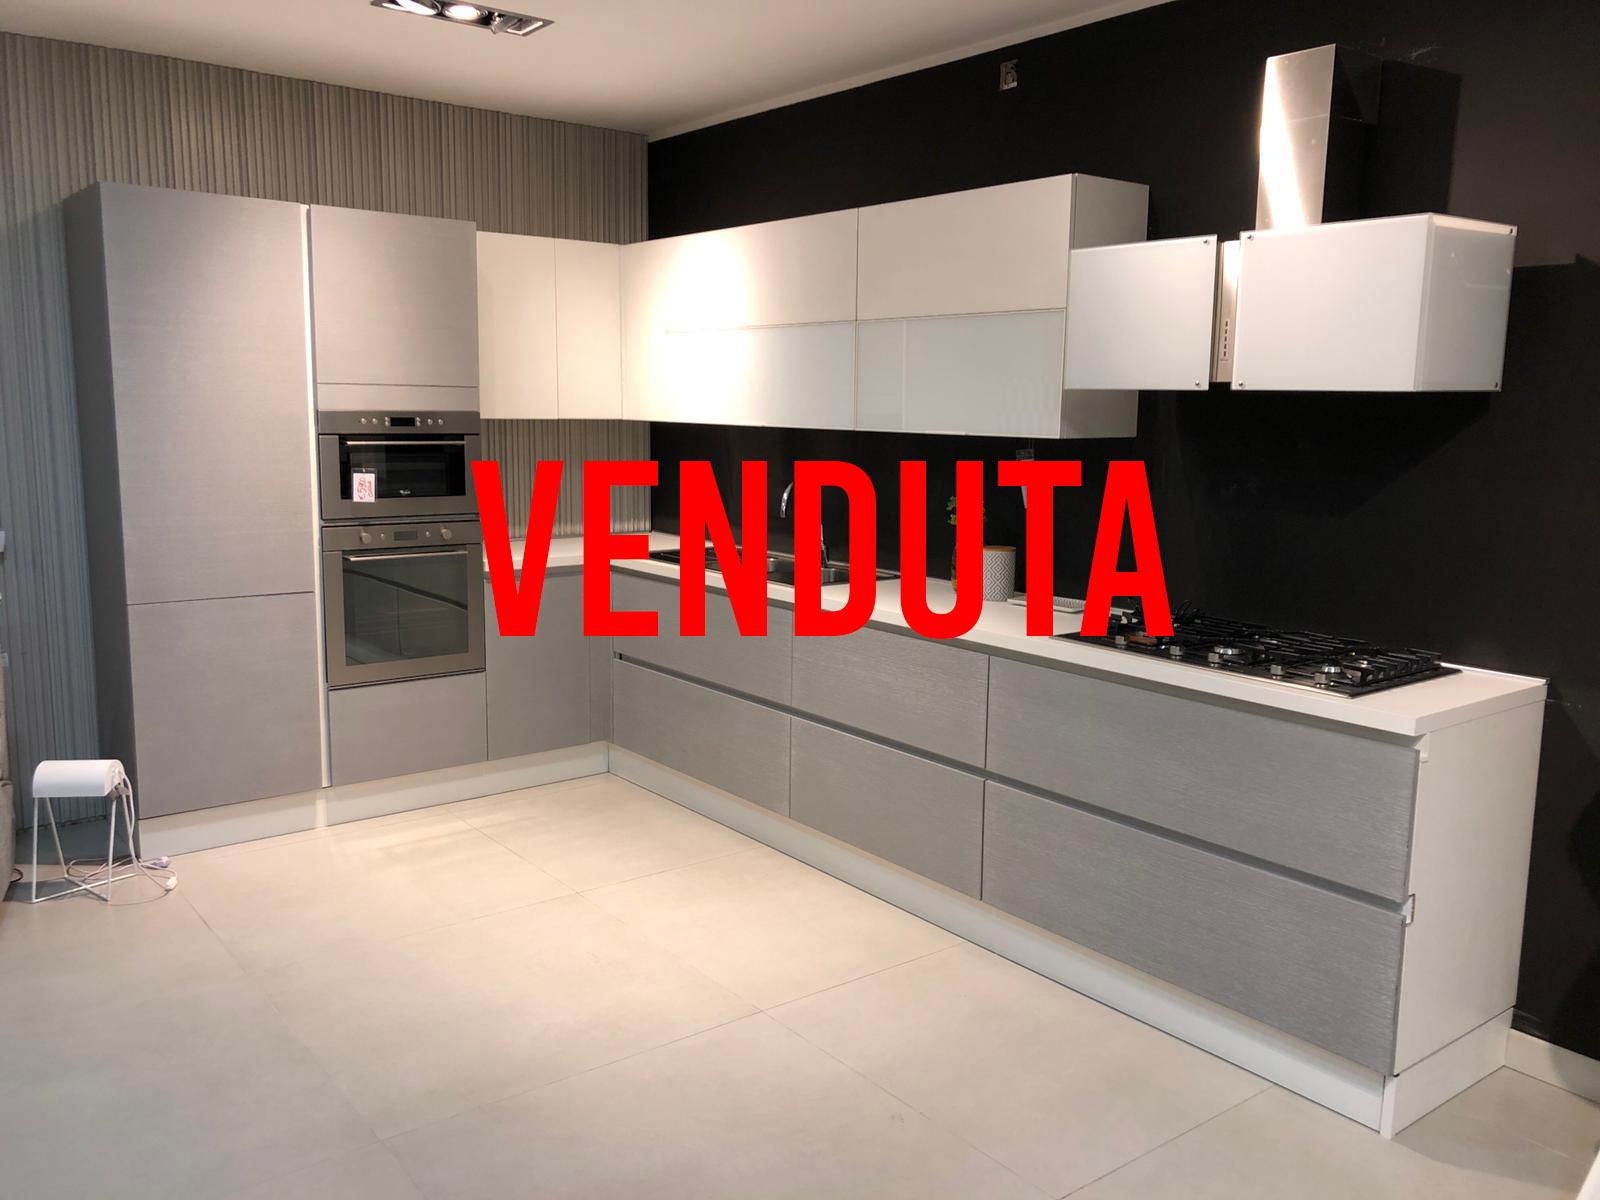 Speciale Svendita Cucine 2019 - Ginocchi Arredamenti